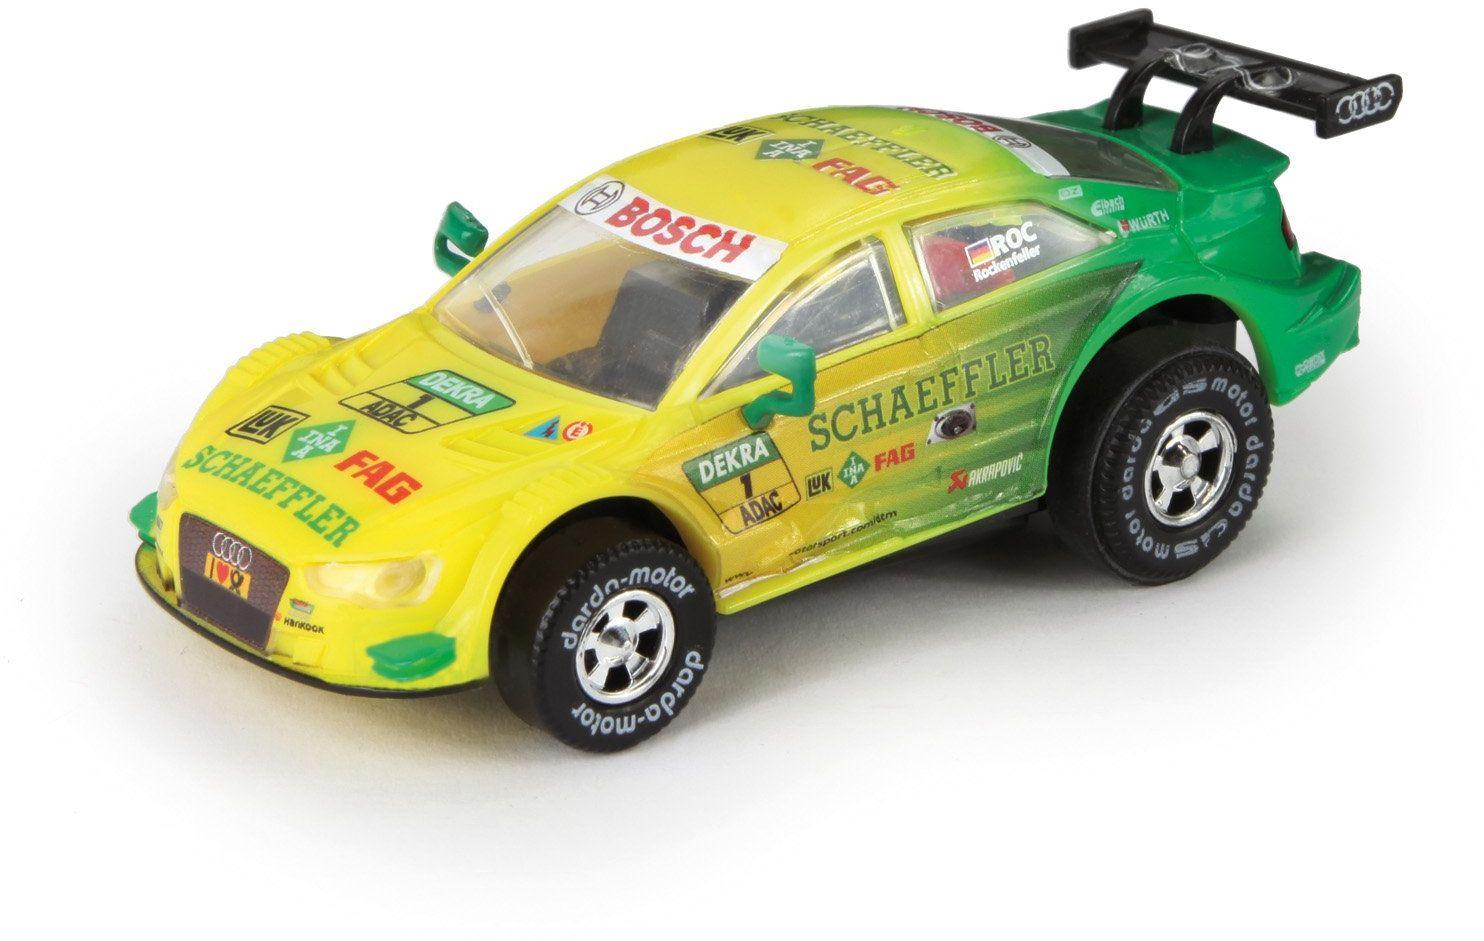 Lena 50383 Darda Audi RS 5 DTM Rockenfeller samochód z wymiennym silnikiem do ciągnięcia na torze wyścigowym, dla dzieci od 5 lat, ok. 8 cm, żółto-zielony